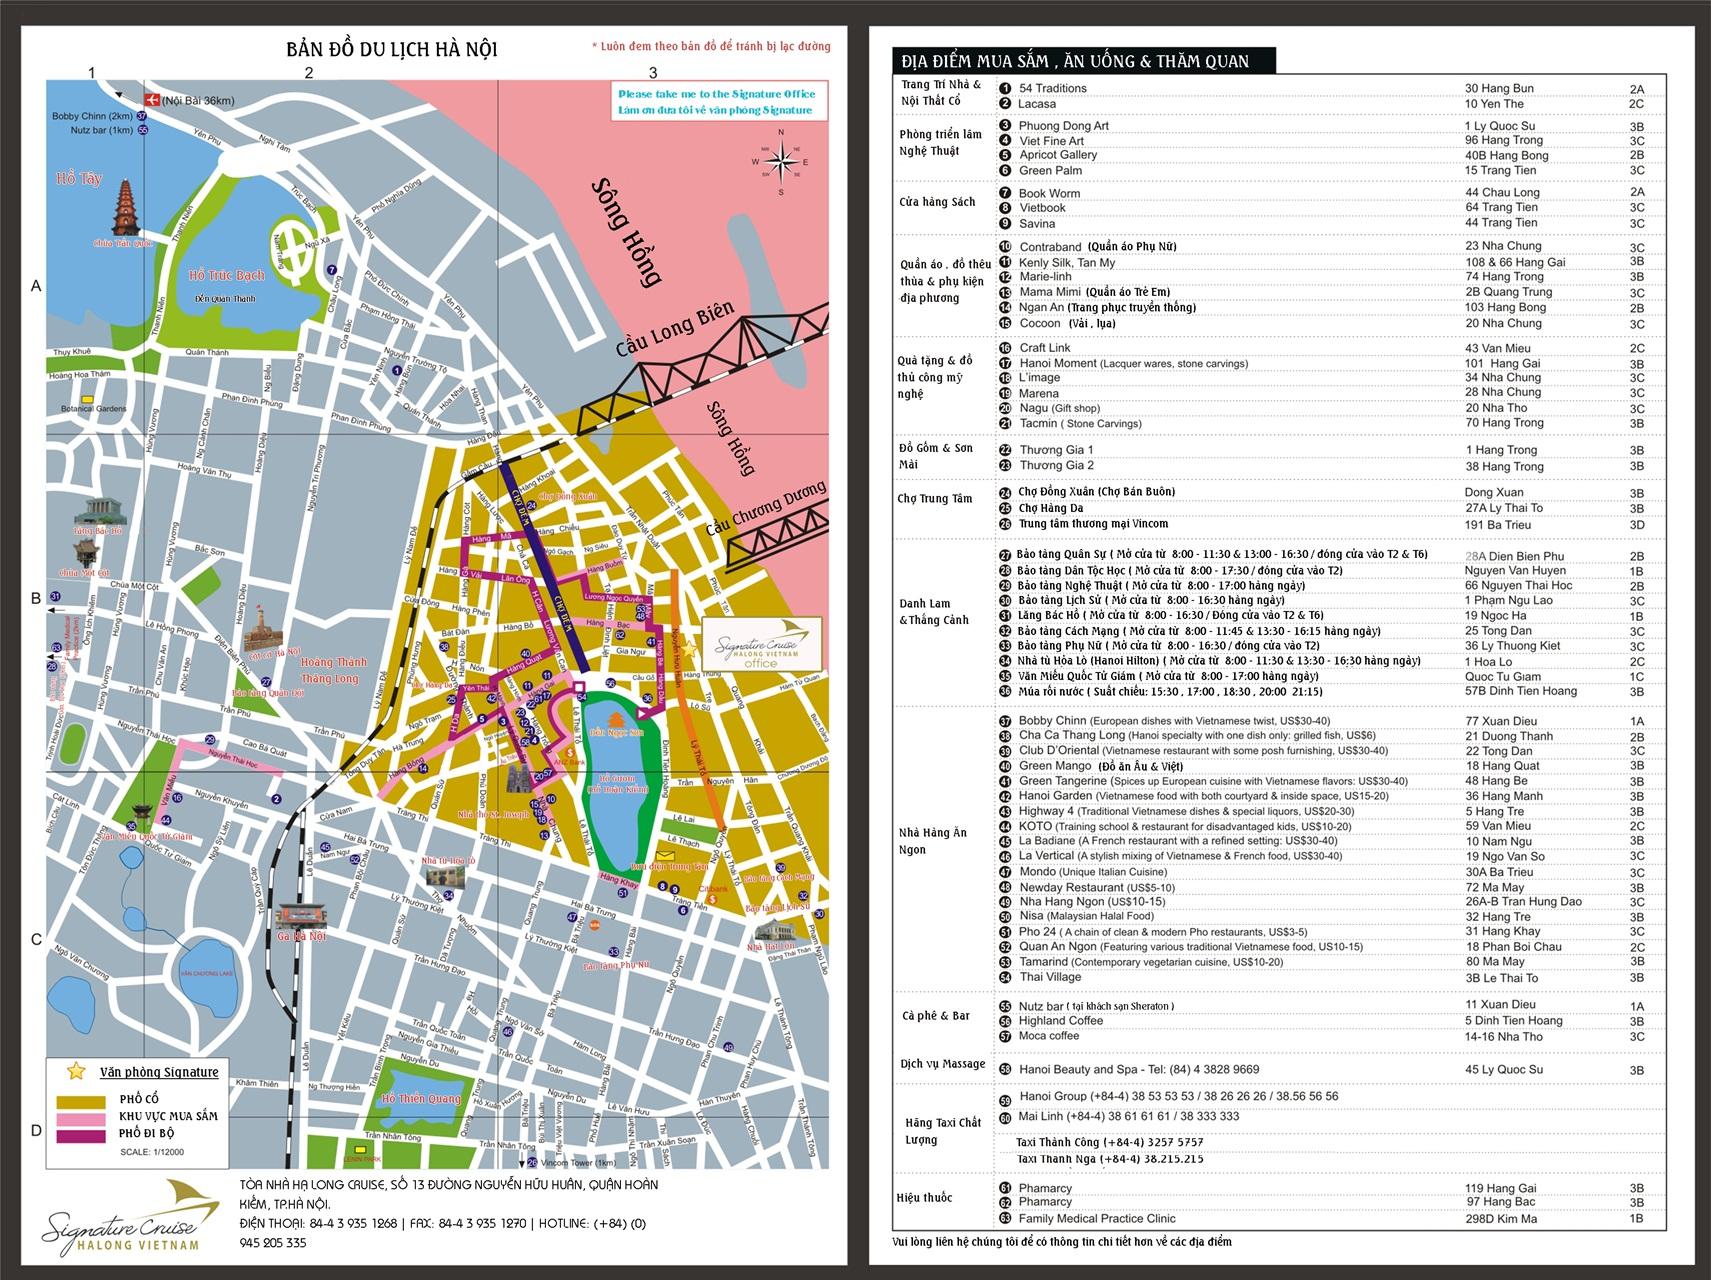 Bản đồ du lịch thành phố Hà Nội